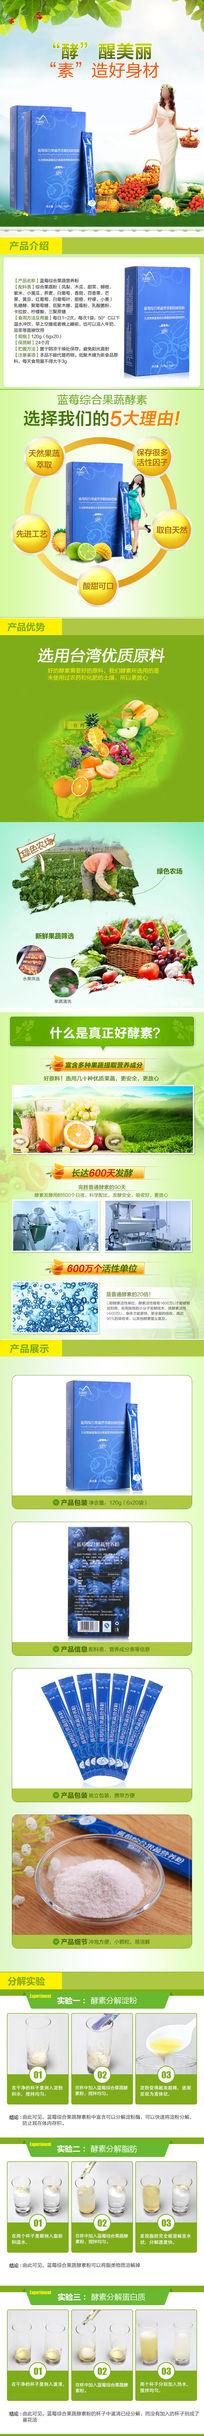 减肥酵素商品详情页设计 PSD